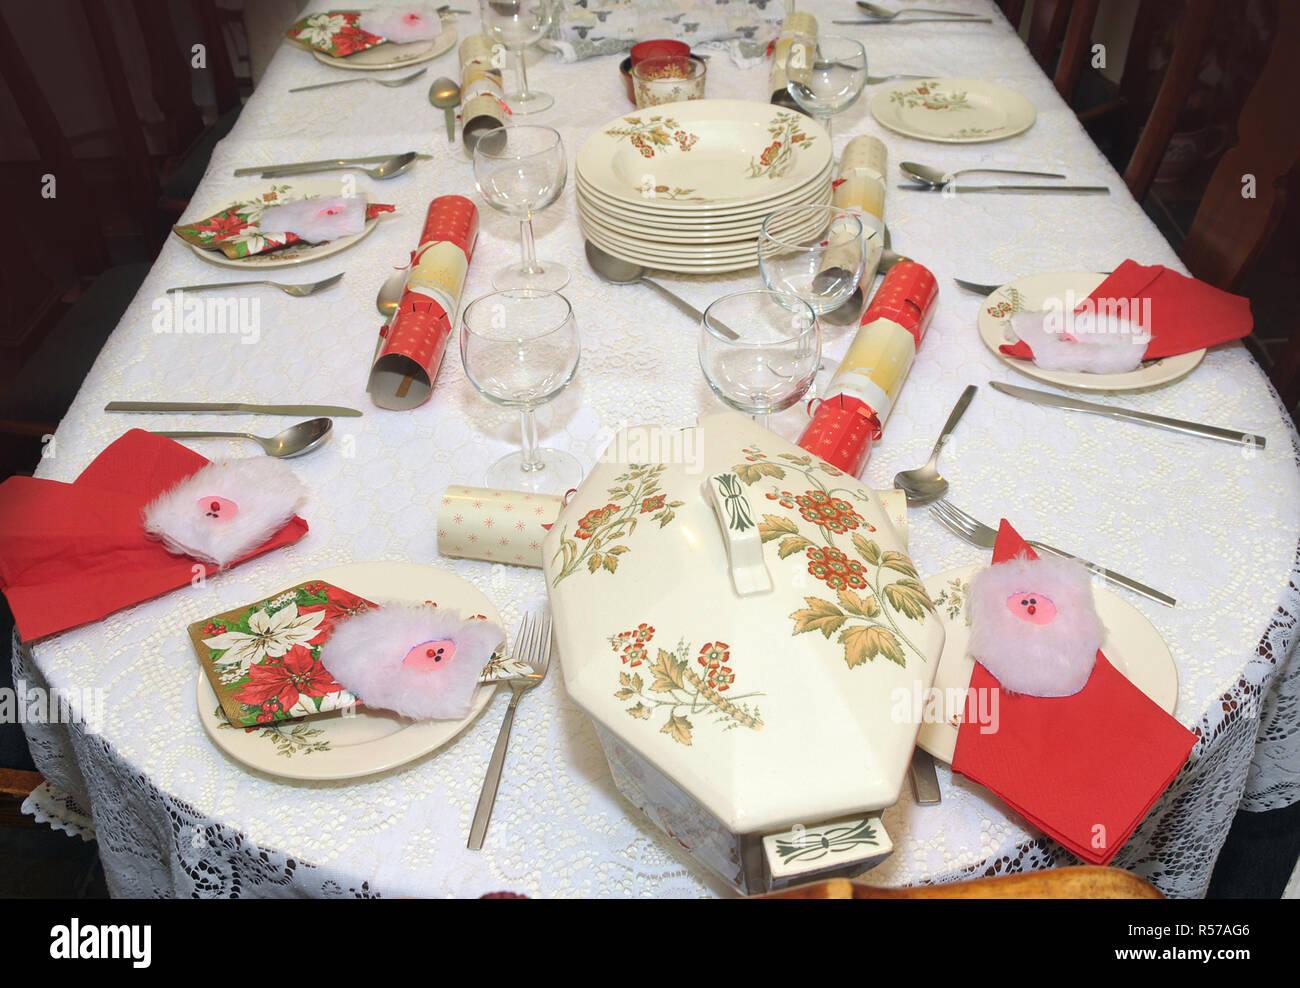 Tradizionali decorazioni di Natale la cena messa in tavola prima di pasto. Foto Stock